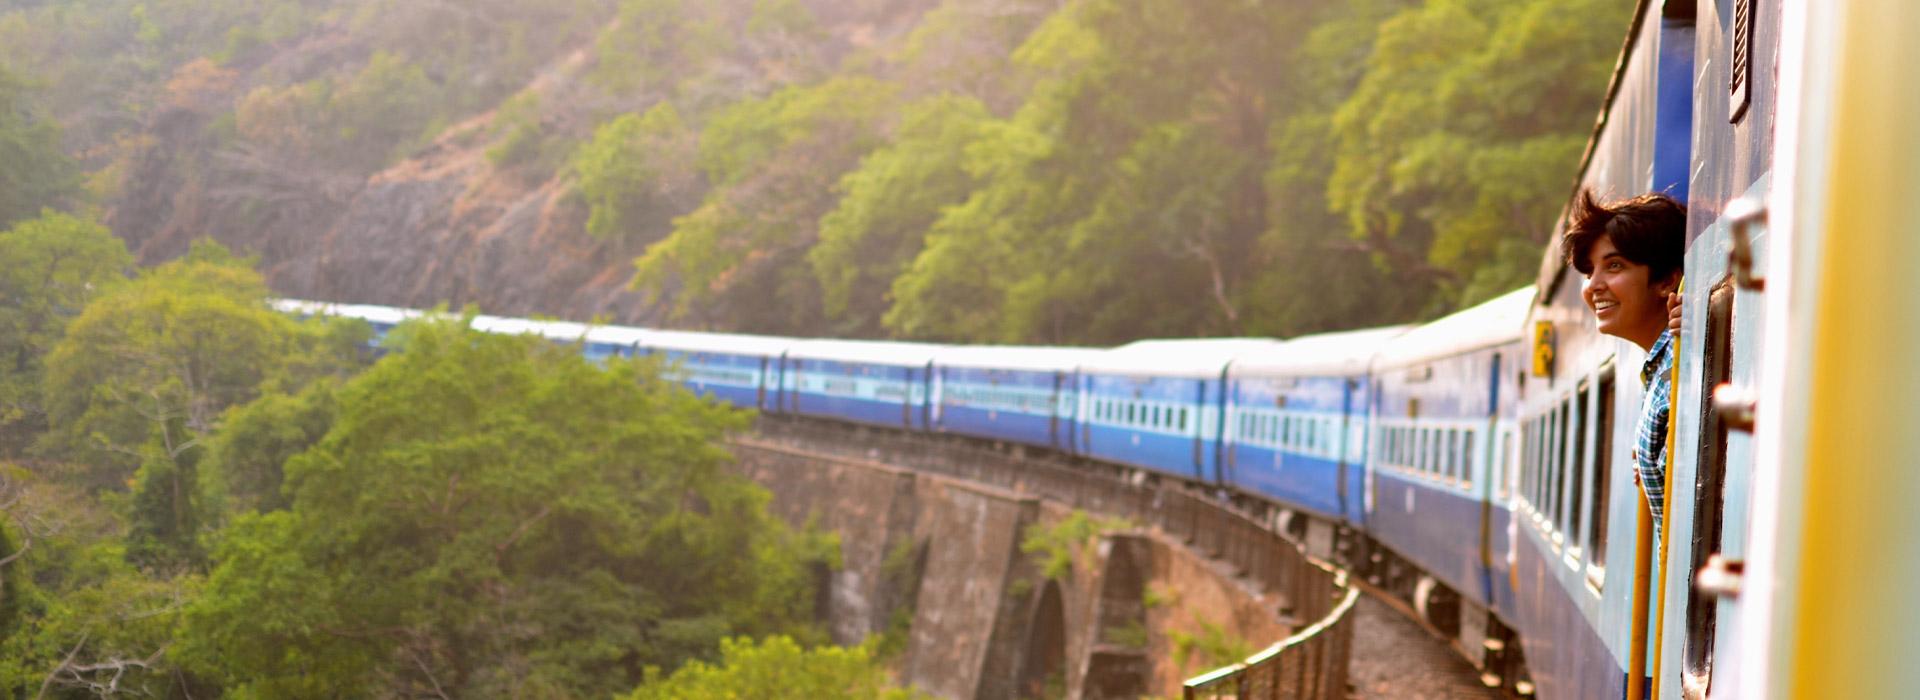 Reisen nach Indien - Individuelle Reisen nach Indien - Harry Kolb AG - Tourismus